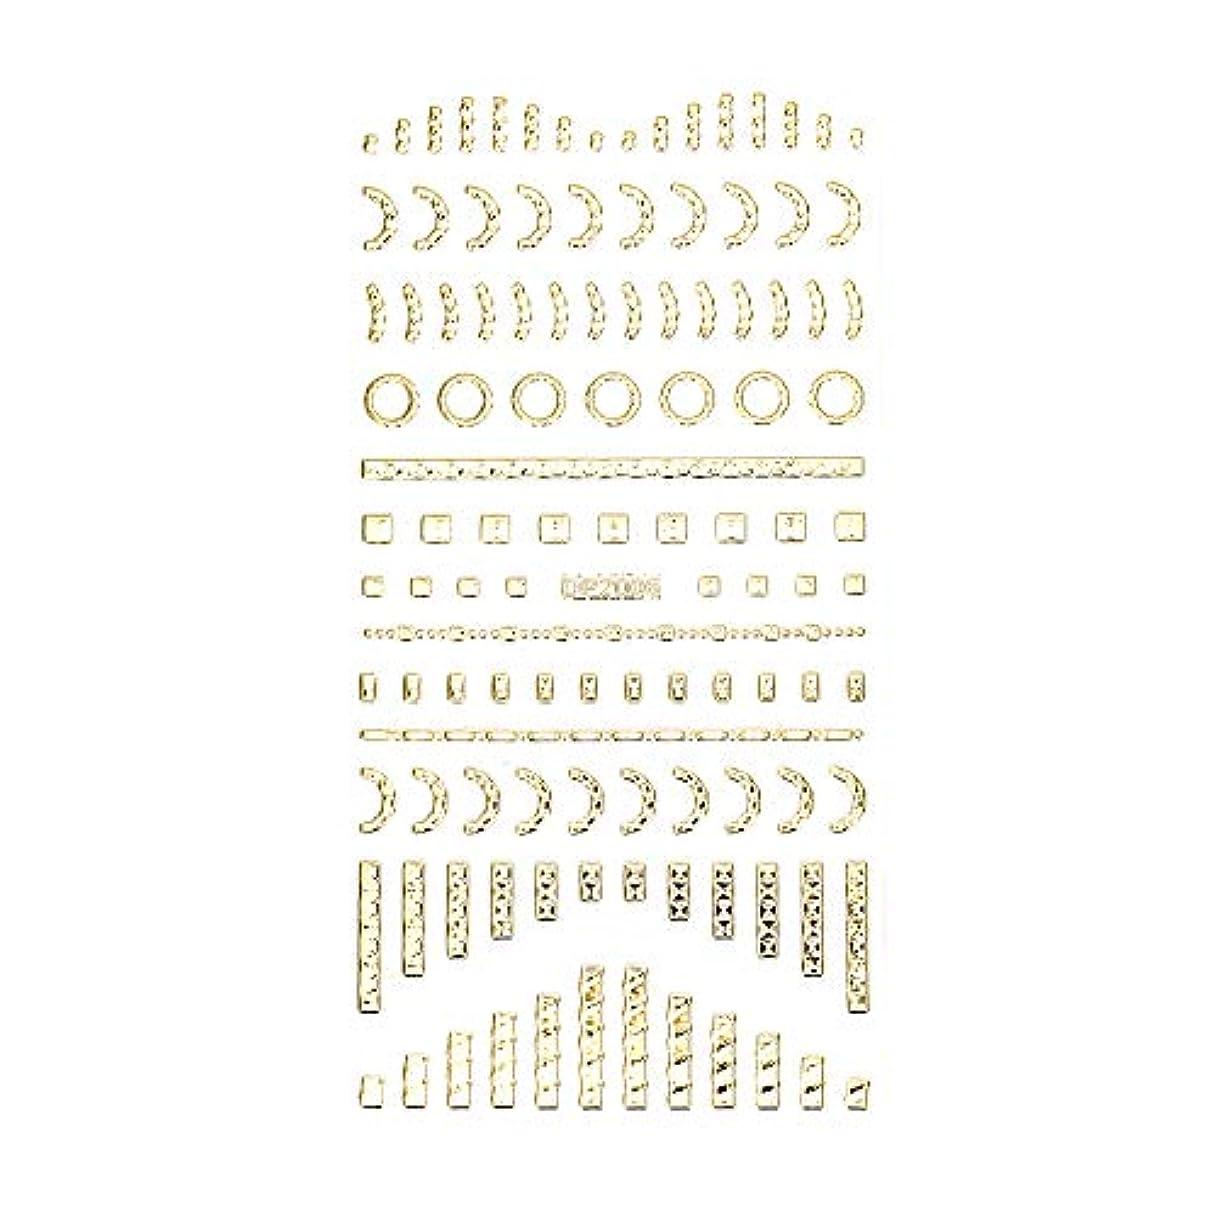 バンド申し立てられた休みネイルシール デザインパーツ風シール ゴールド【DP2006】【タイプ6】ネイルアート スクエア レクタングル トライアングル くり抜き フレーム